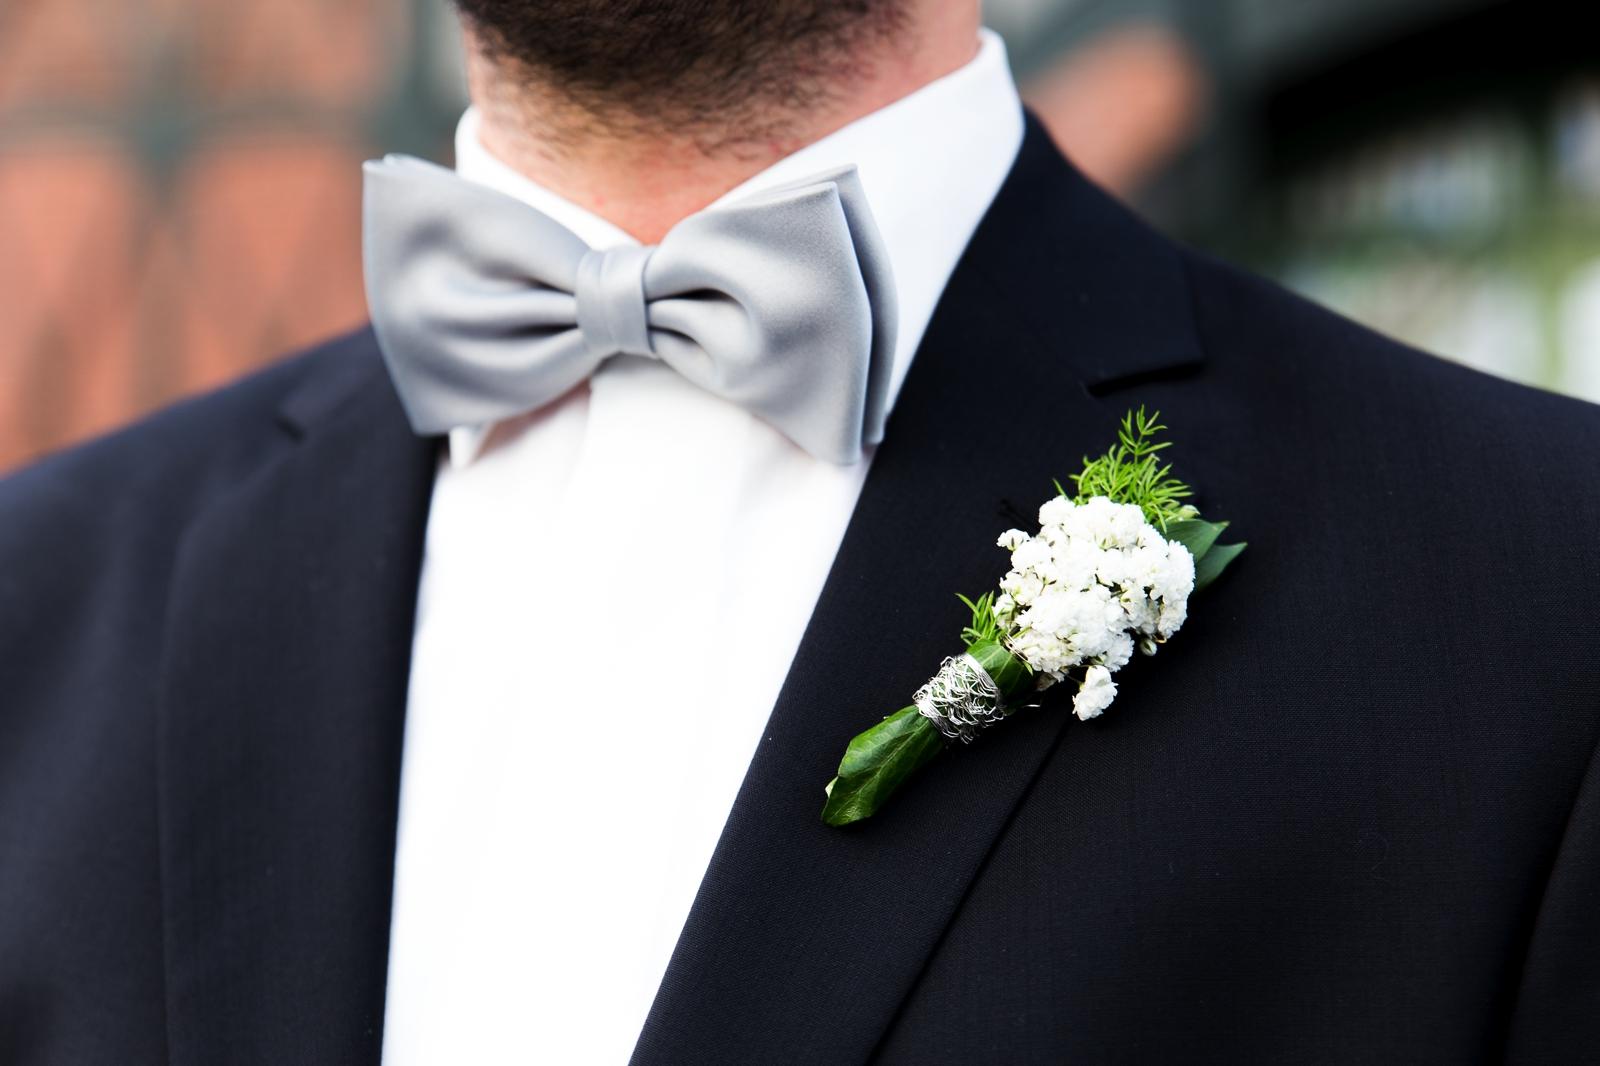 Monstergraphie_Hochzeitsreportage_Dortmund_Zeche_Zollern24.jpg?fit=1600%2C1066